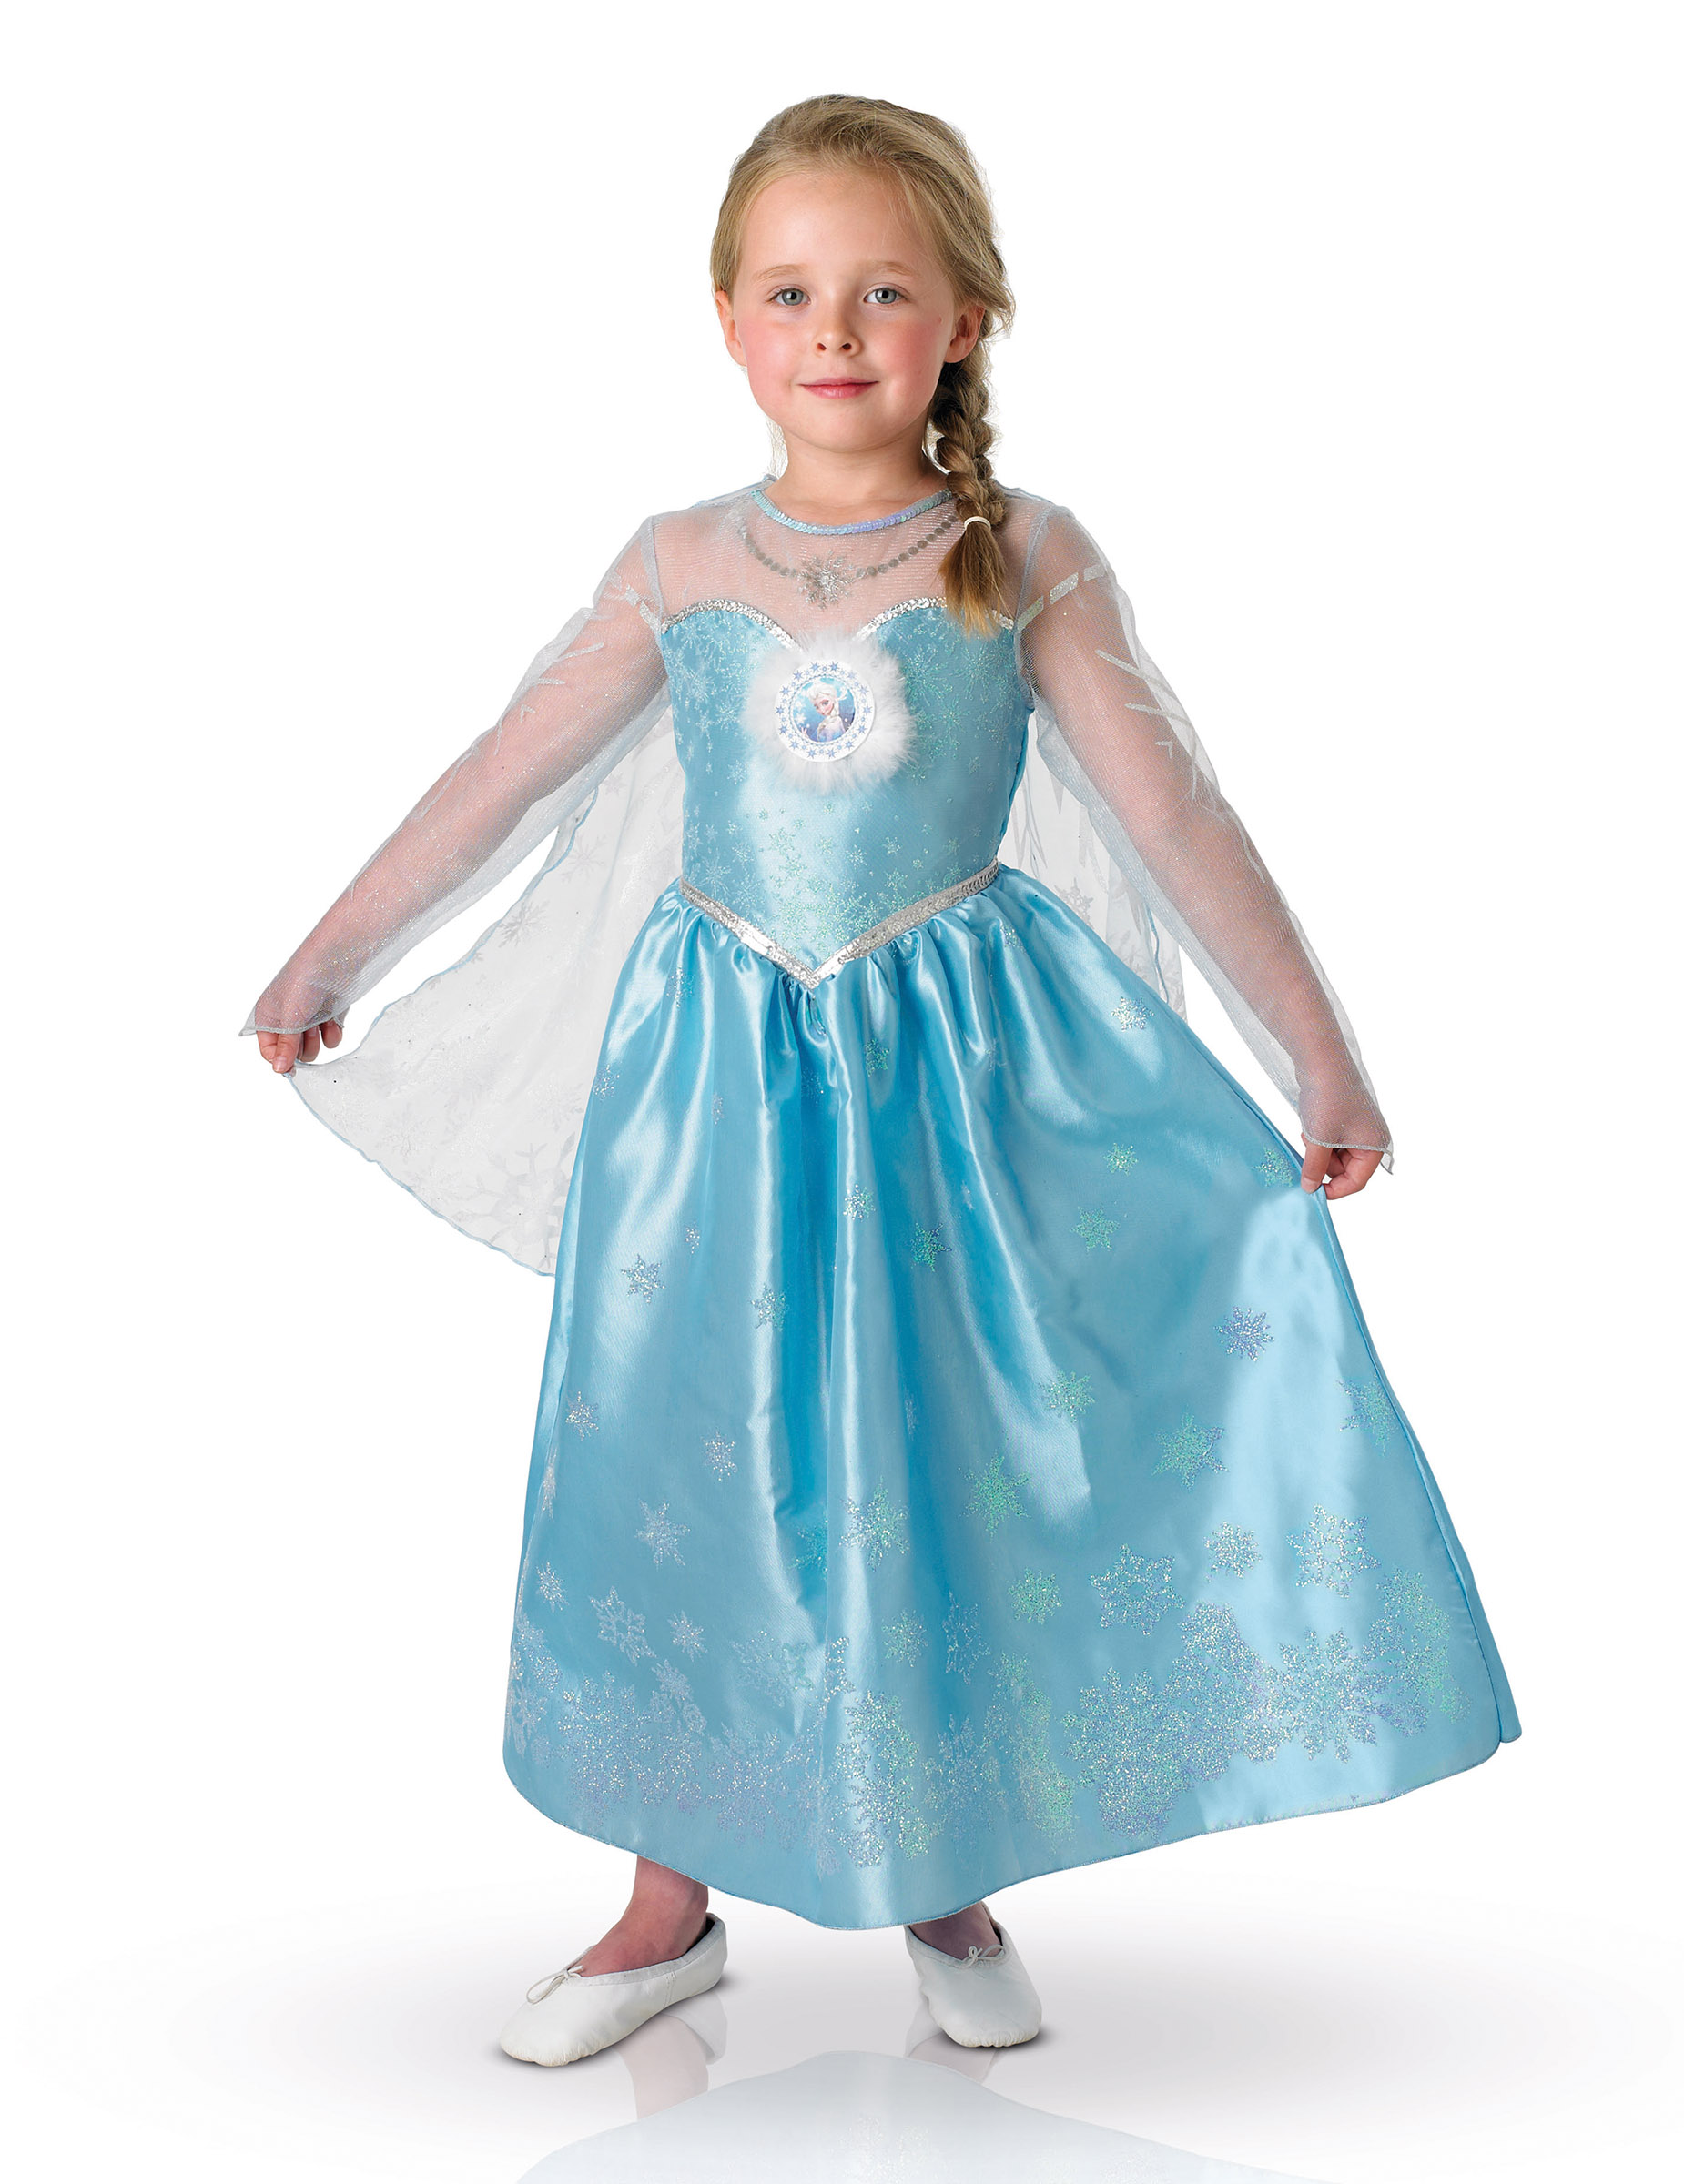 Elsa Die Eiskonigin Deluxe Kostum Fur Madchen Kostume Fur Kinder